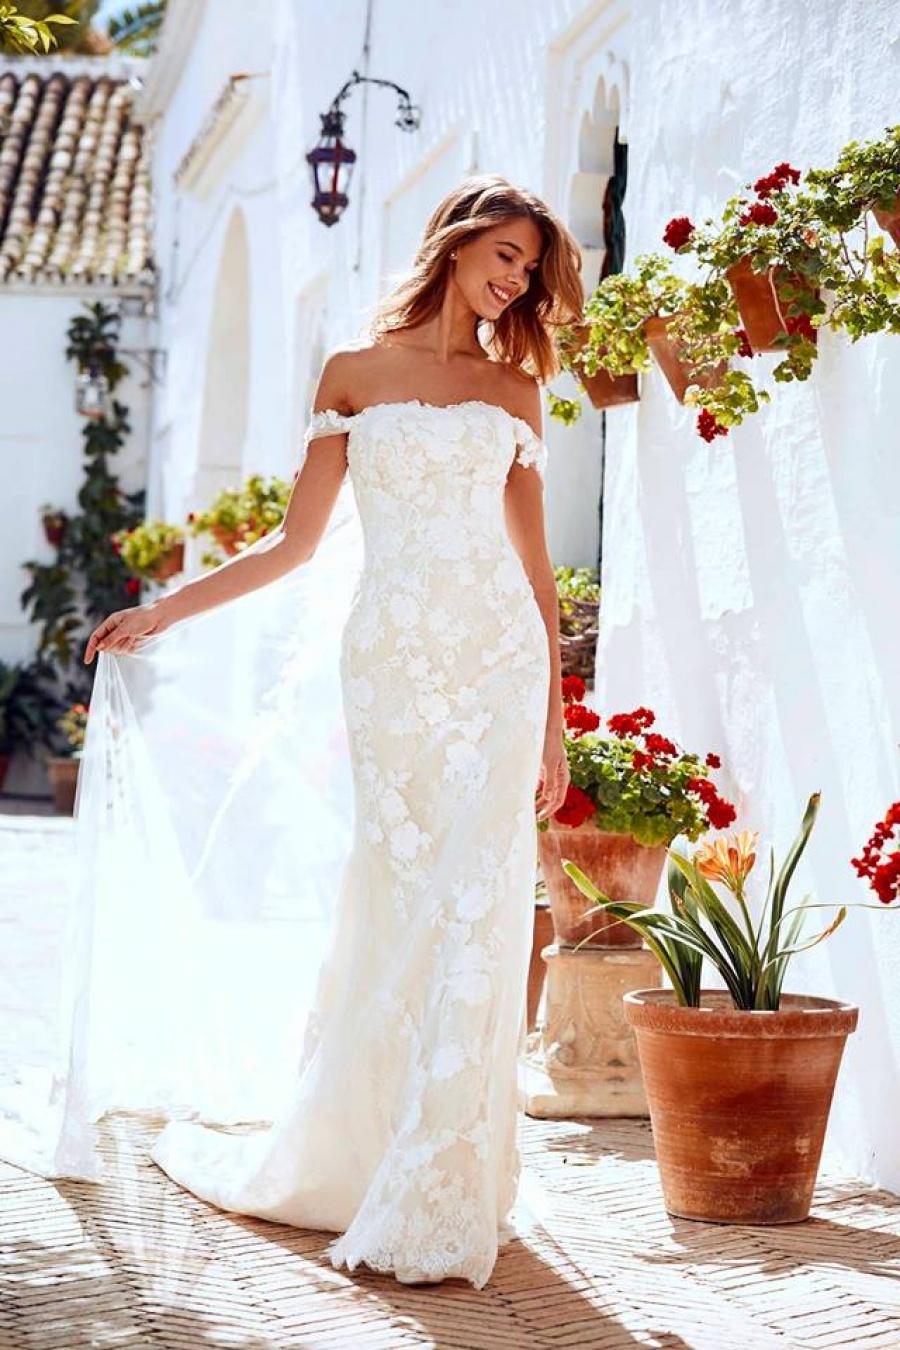 d5a461d868f8 Vera Wang Wedding Dress Sample Sale 2018 - raveitsafe